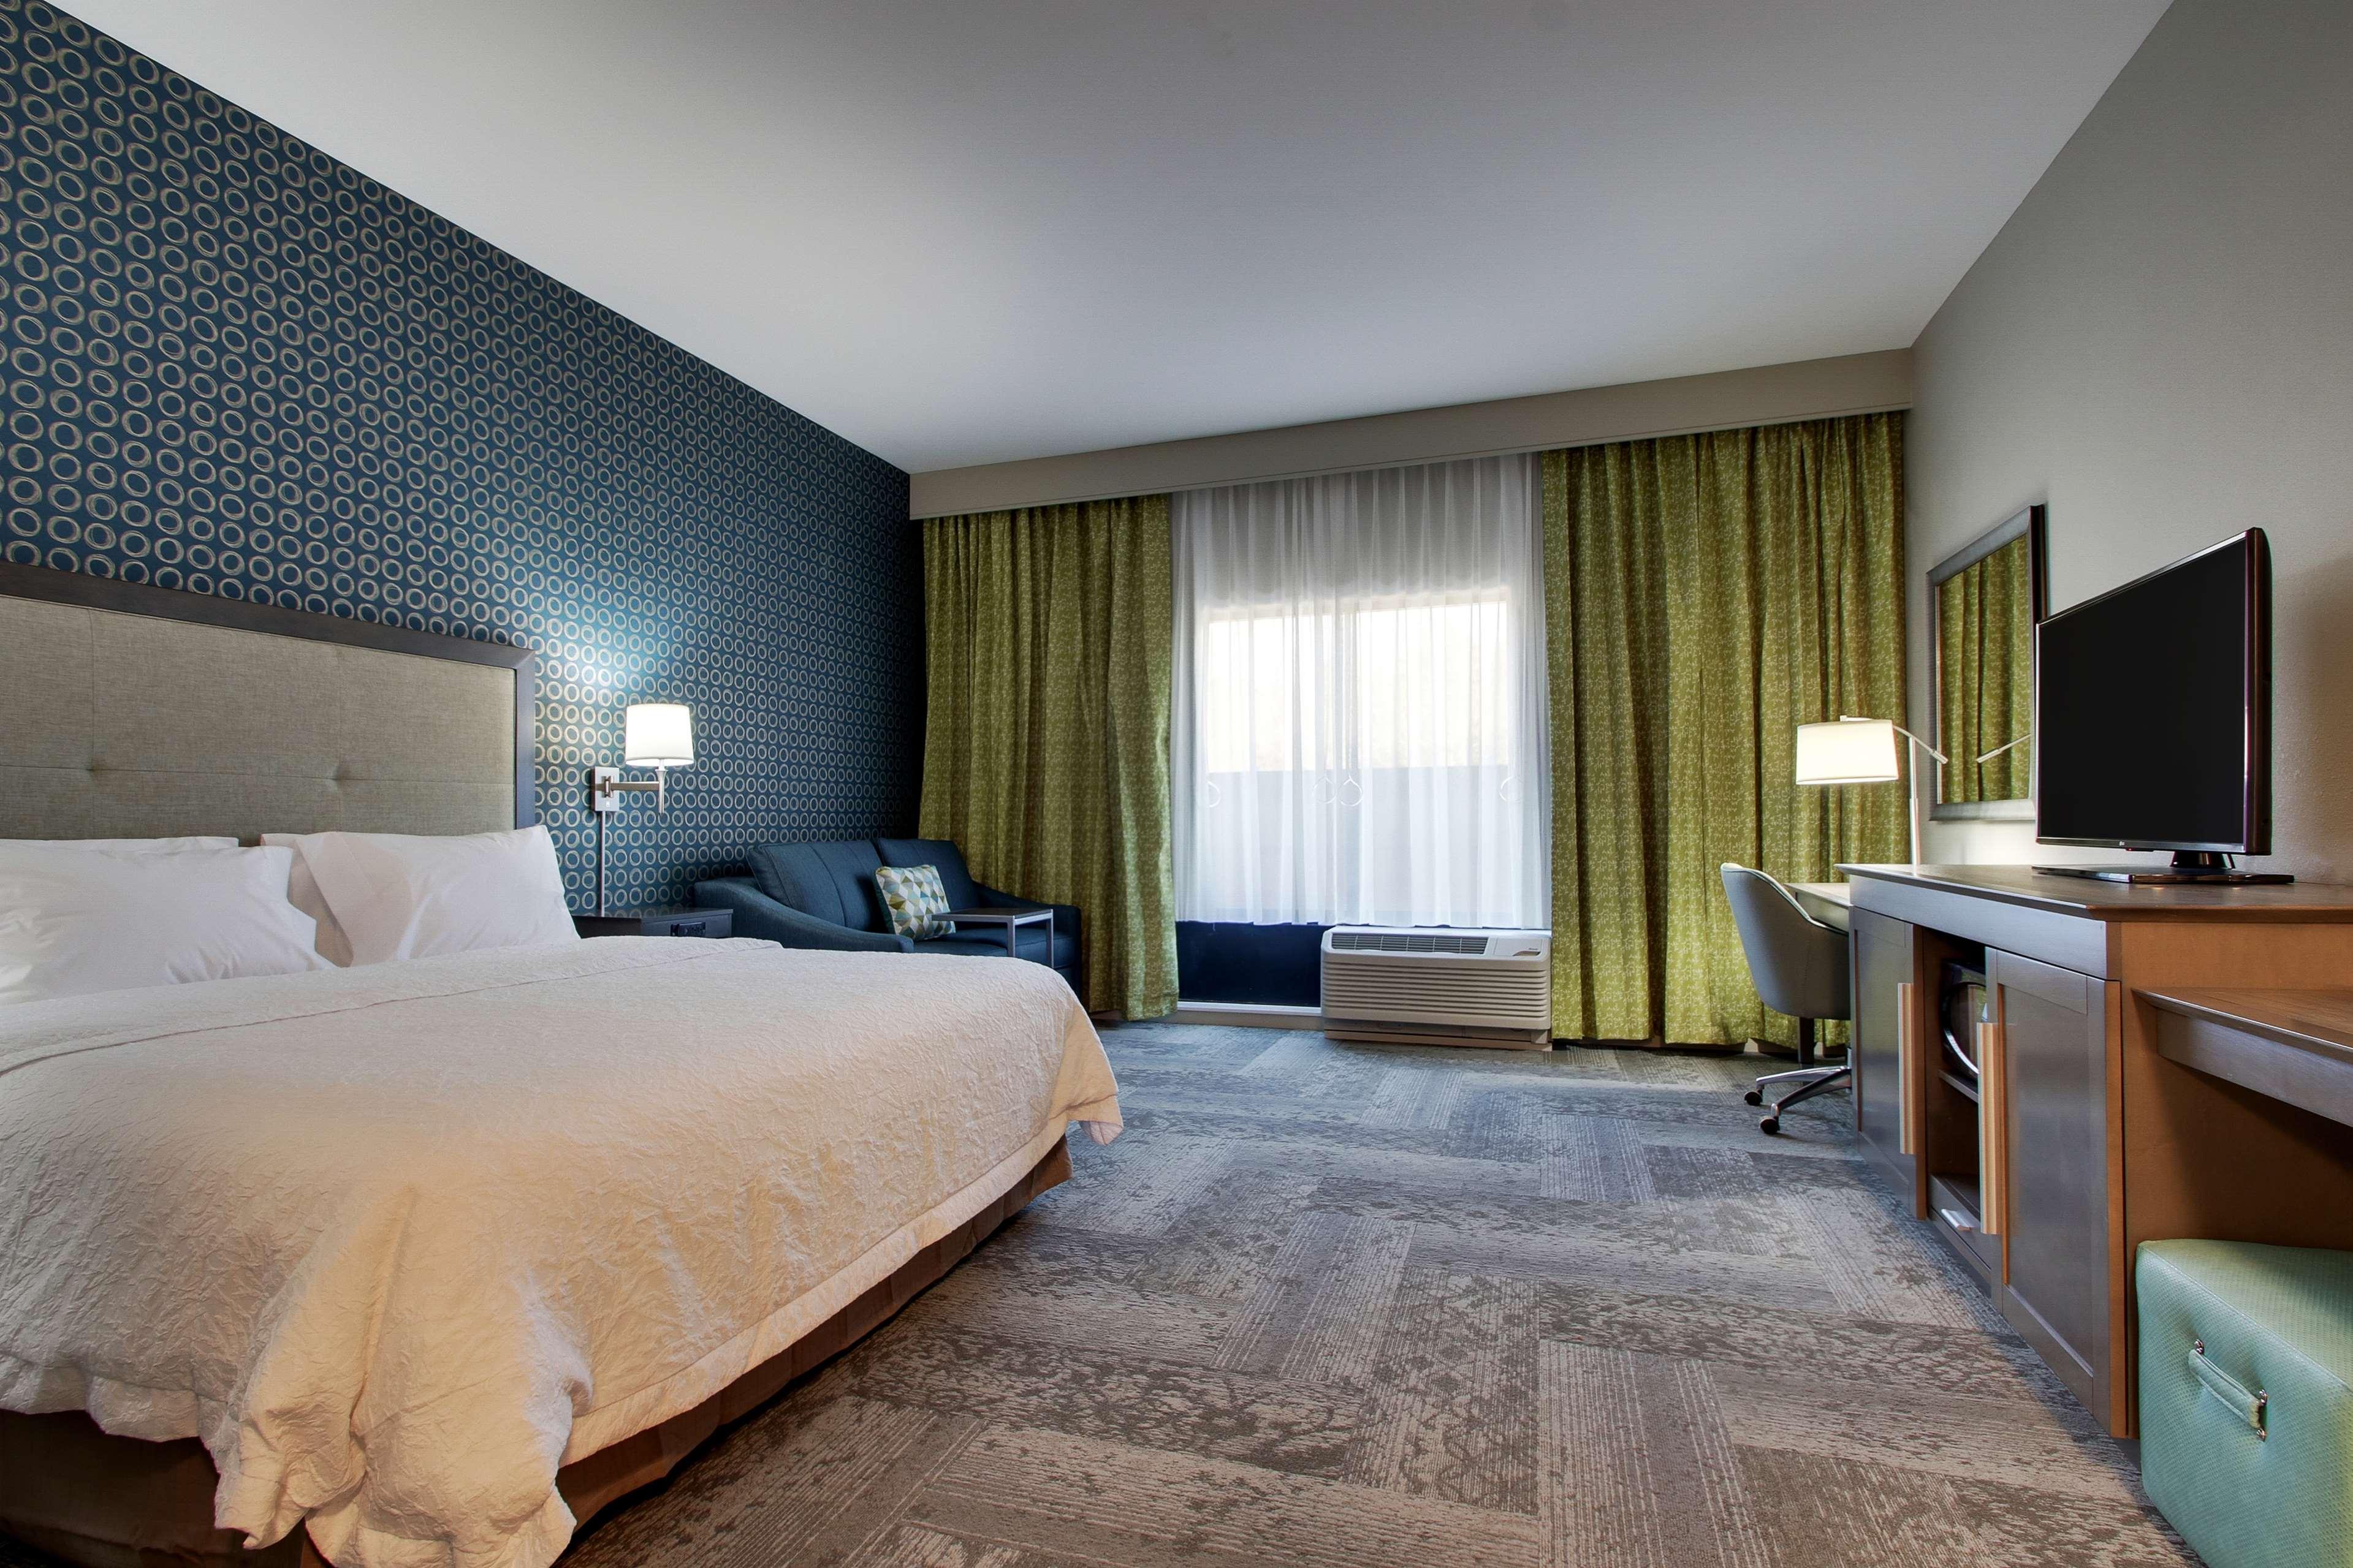 Hampton Inn & Suites Knightdale Raleigh image 20